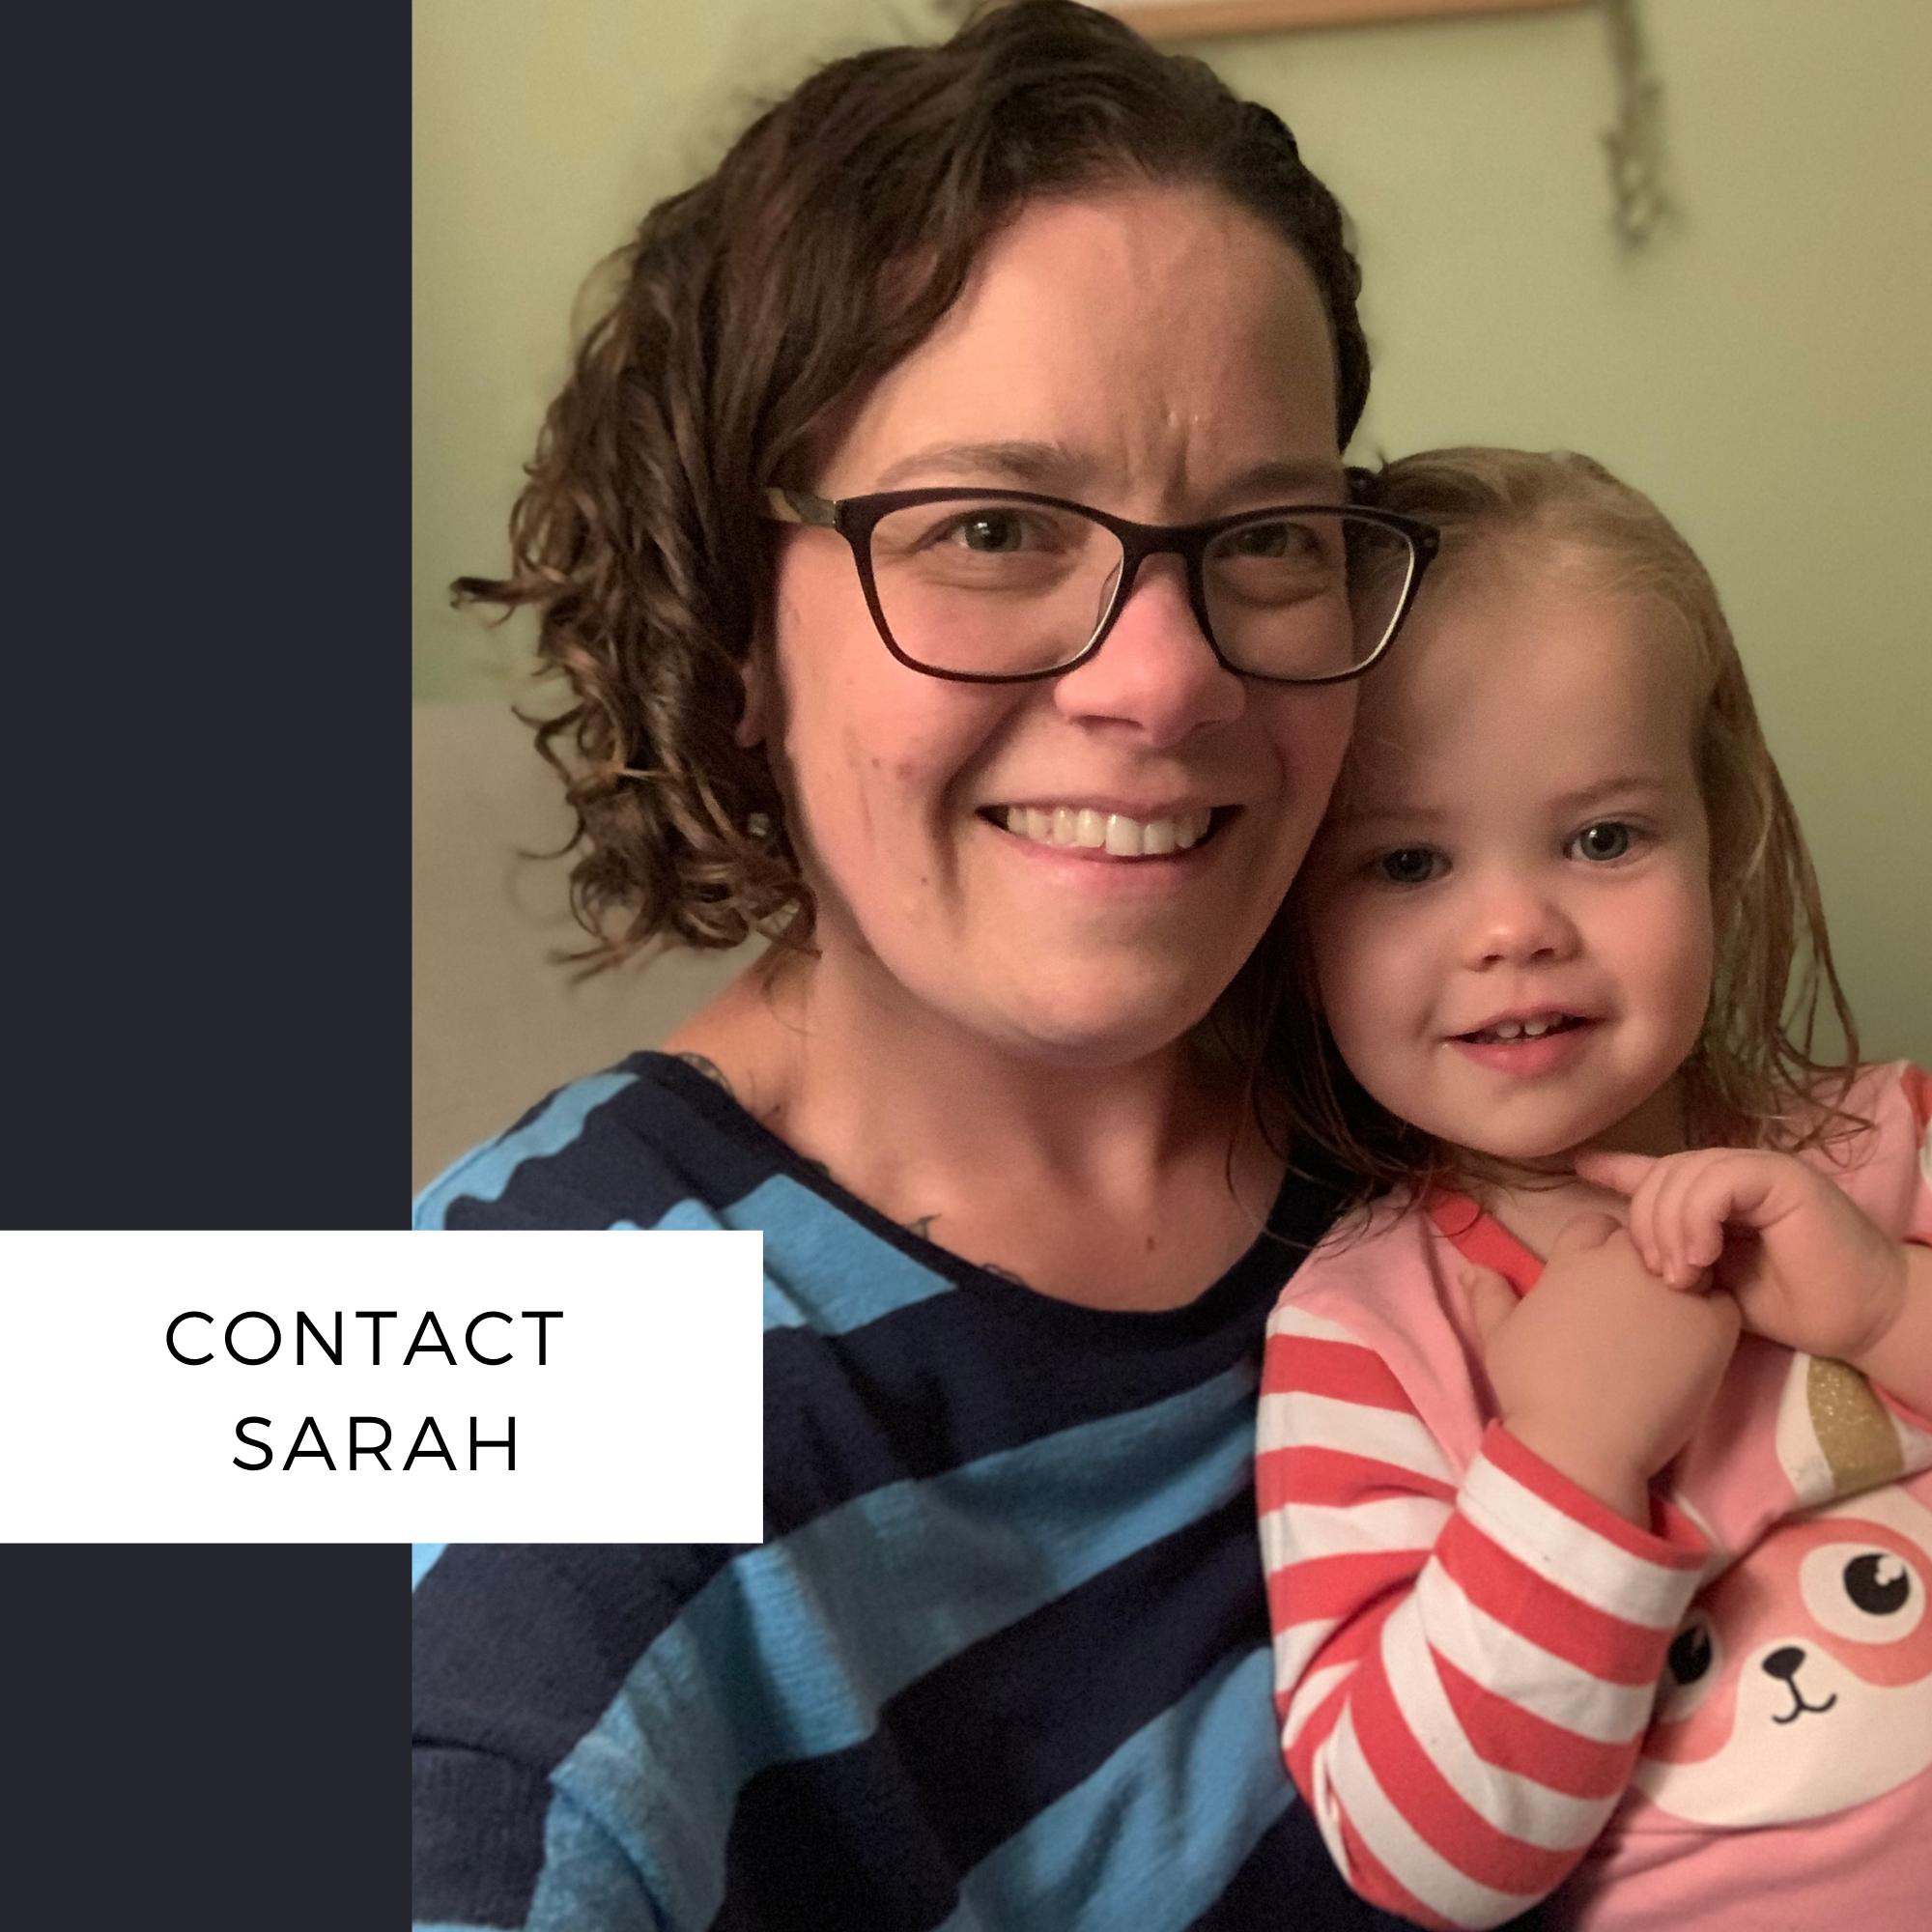 contact sarah